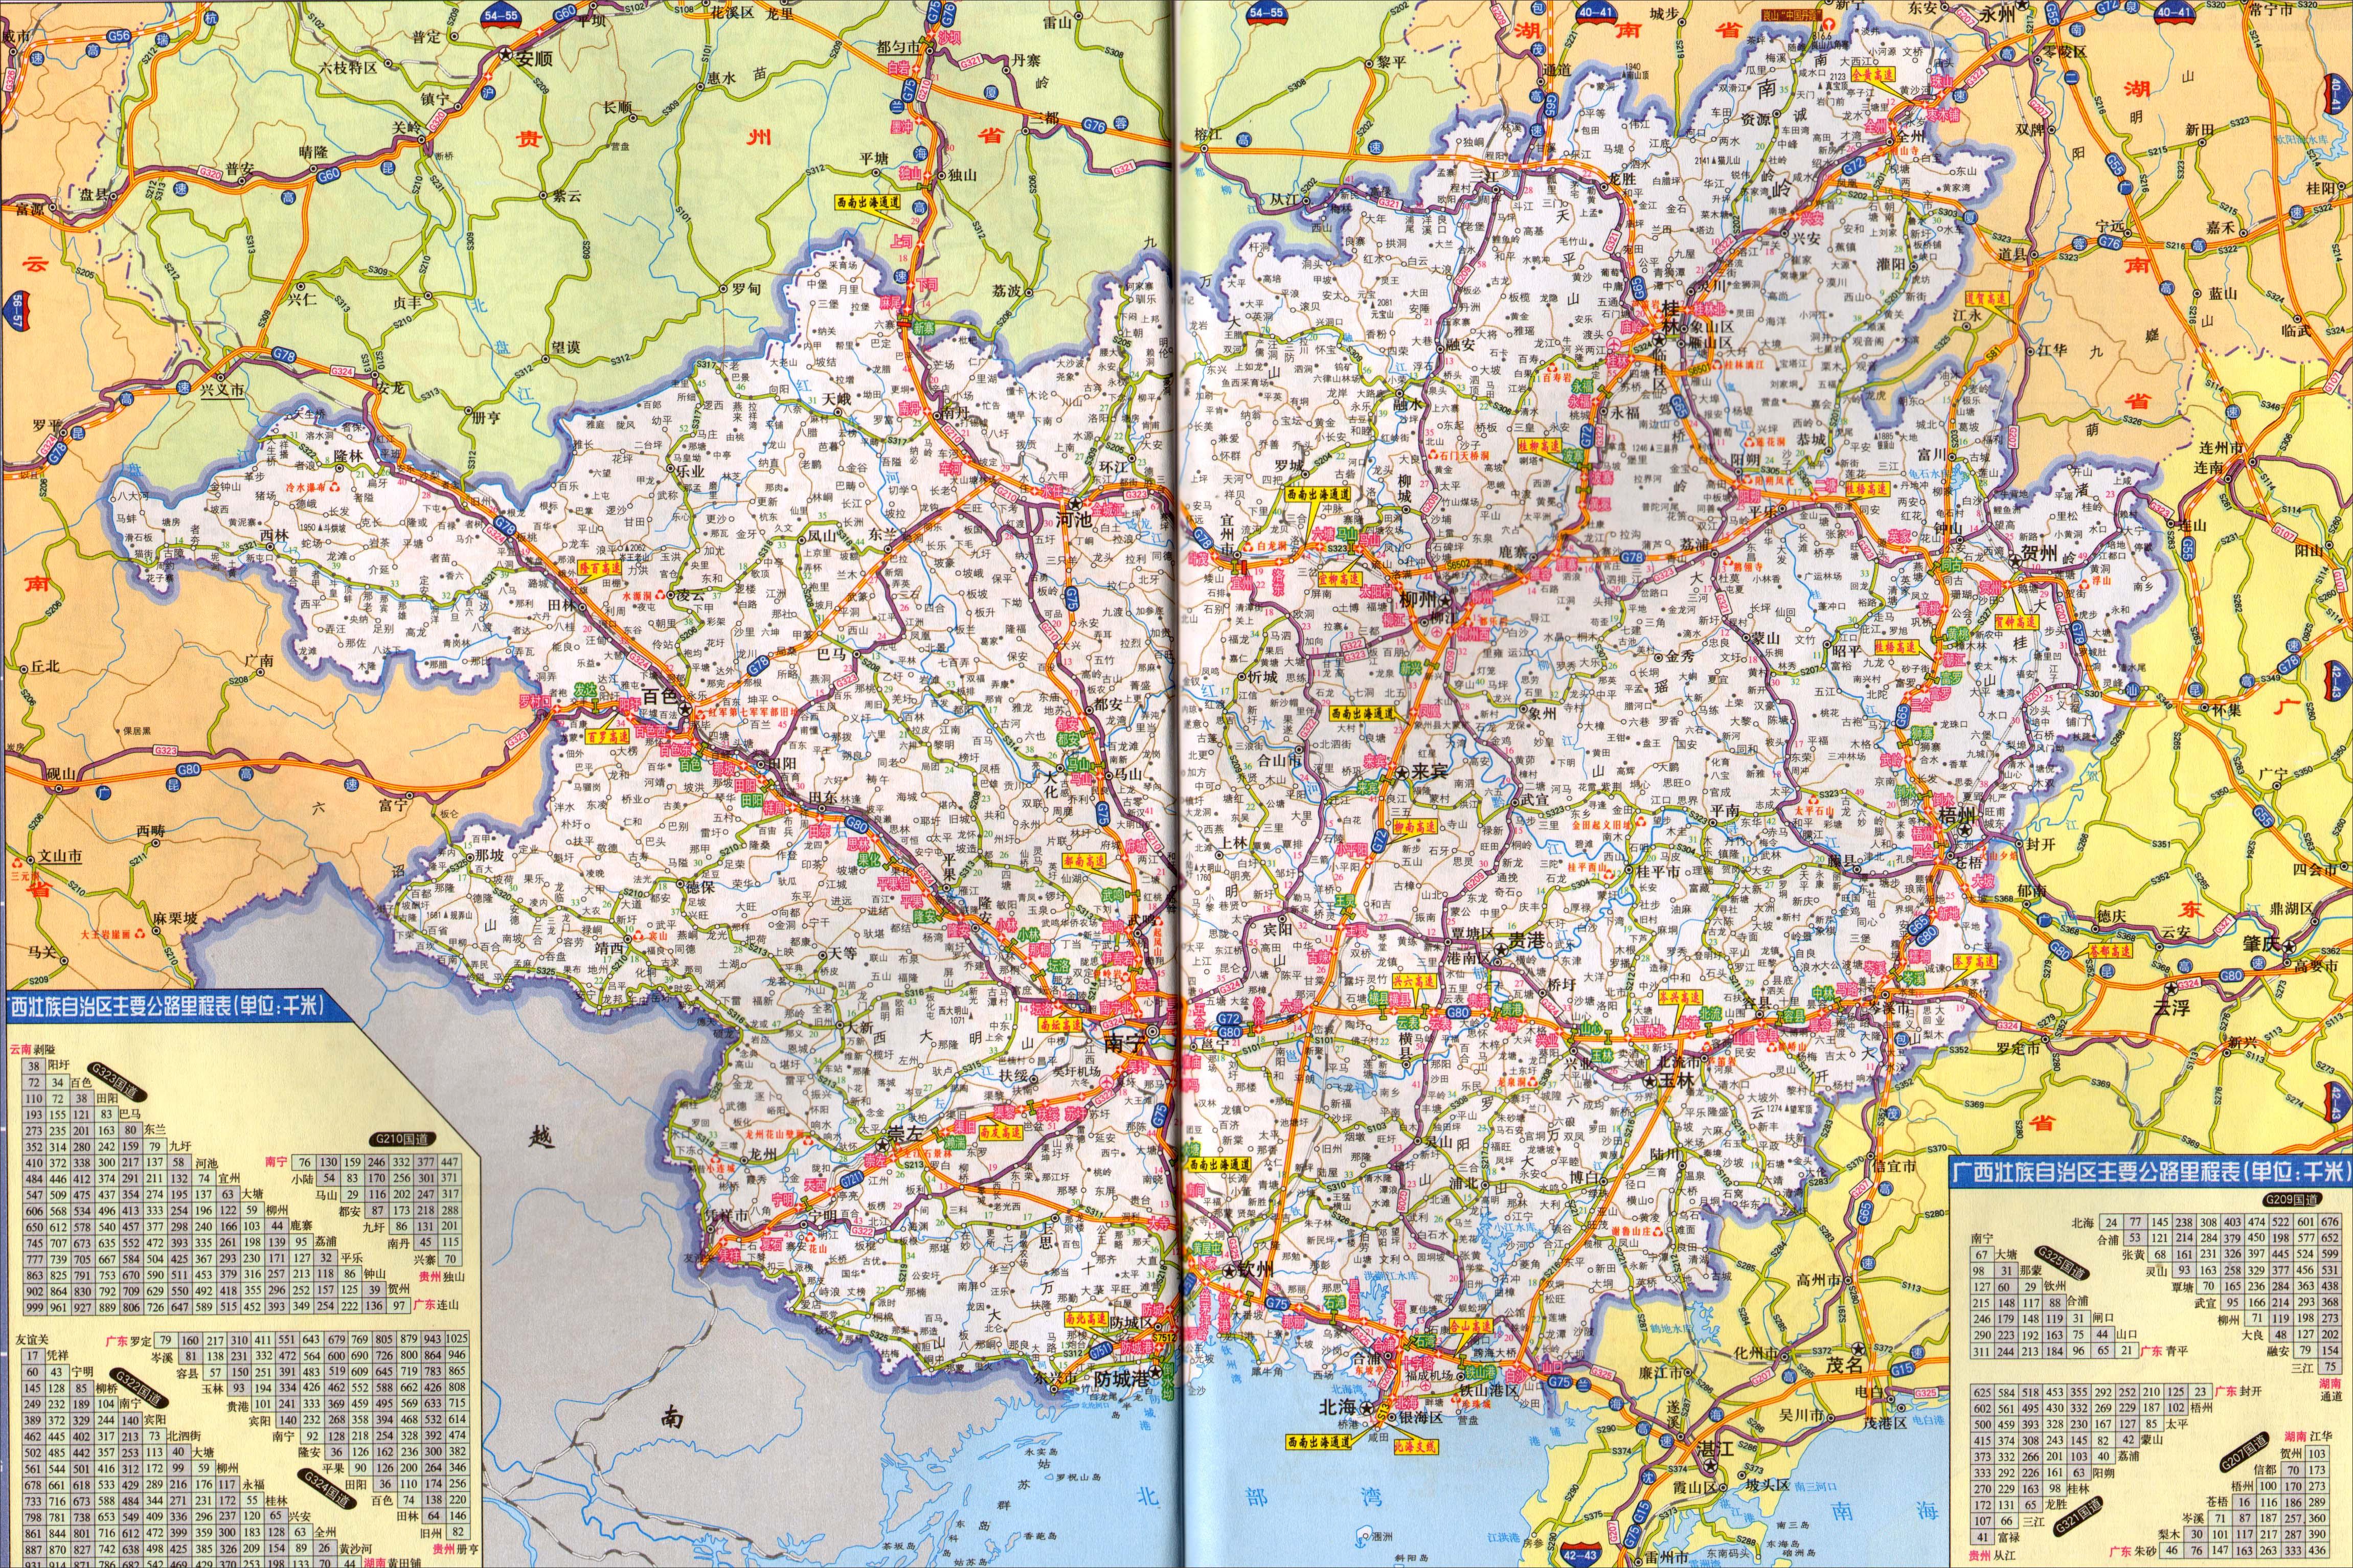 广西玉铁高速公路图_广西高速公路地图2017版_交通地图库_地图窝